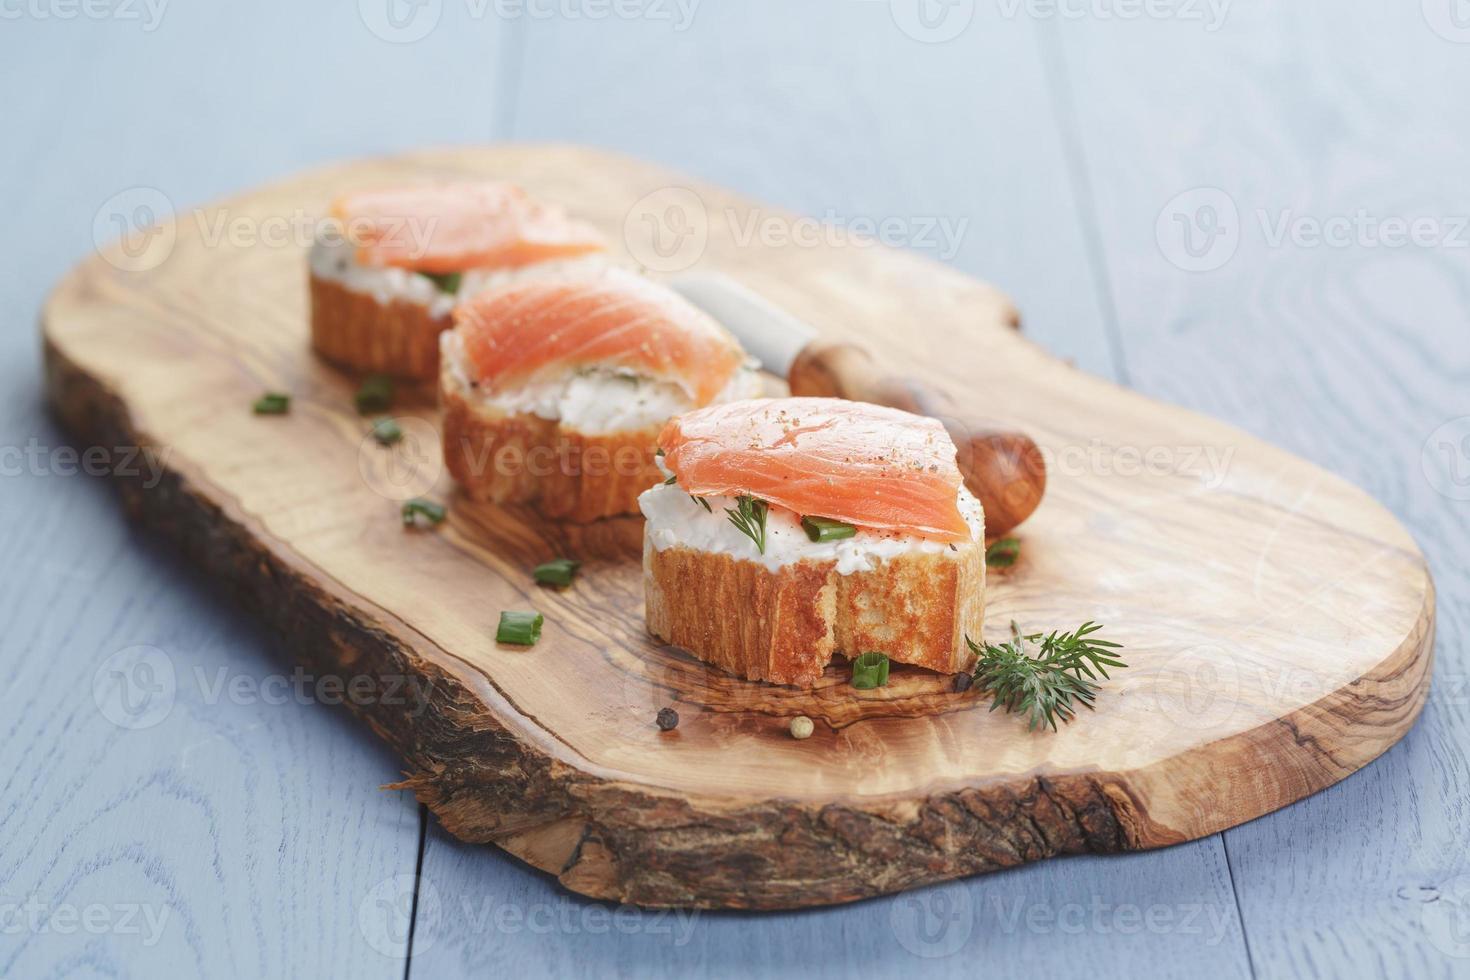 pequenos sanduíches com queijo e salmão na mesa de madeira foto